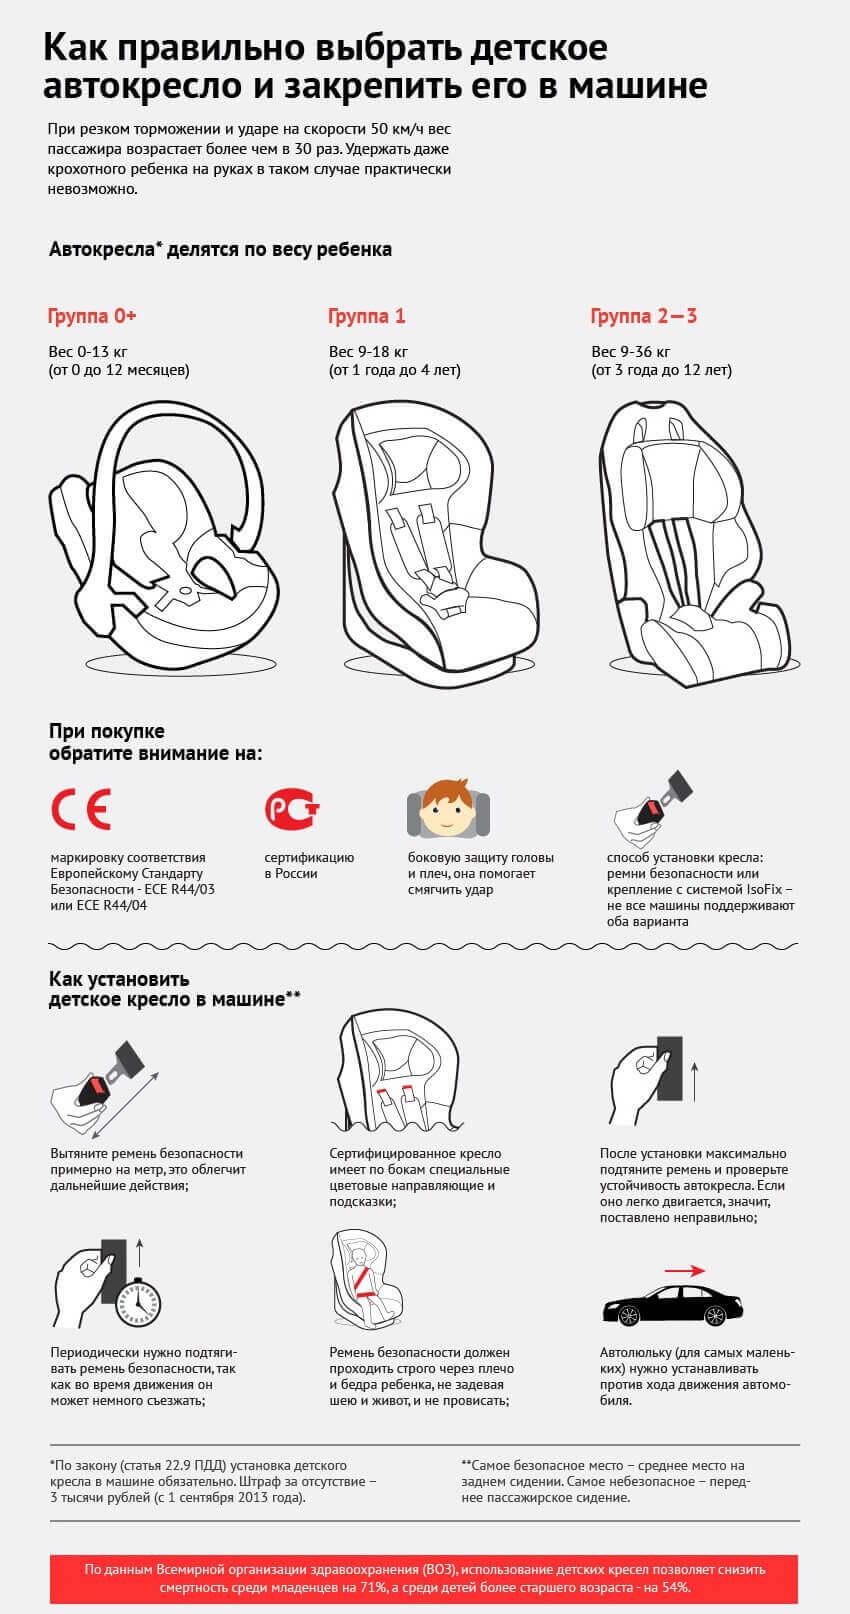 Как правильно выбрать детское автокресло и закрепить его в машине